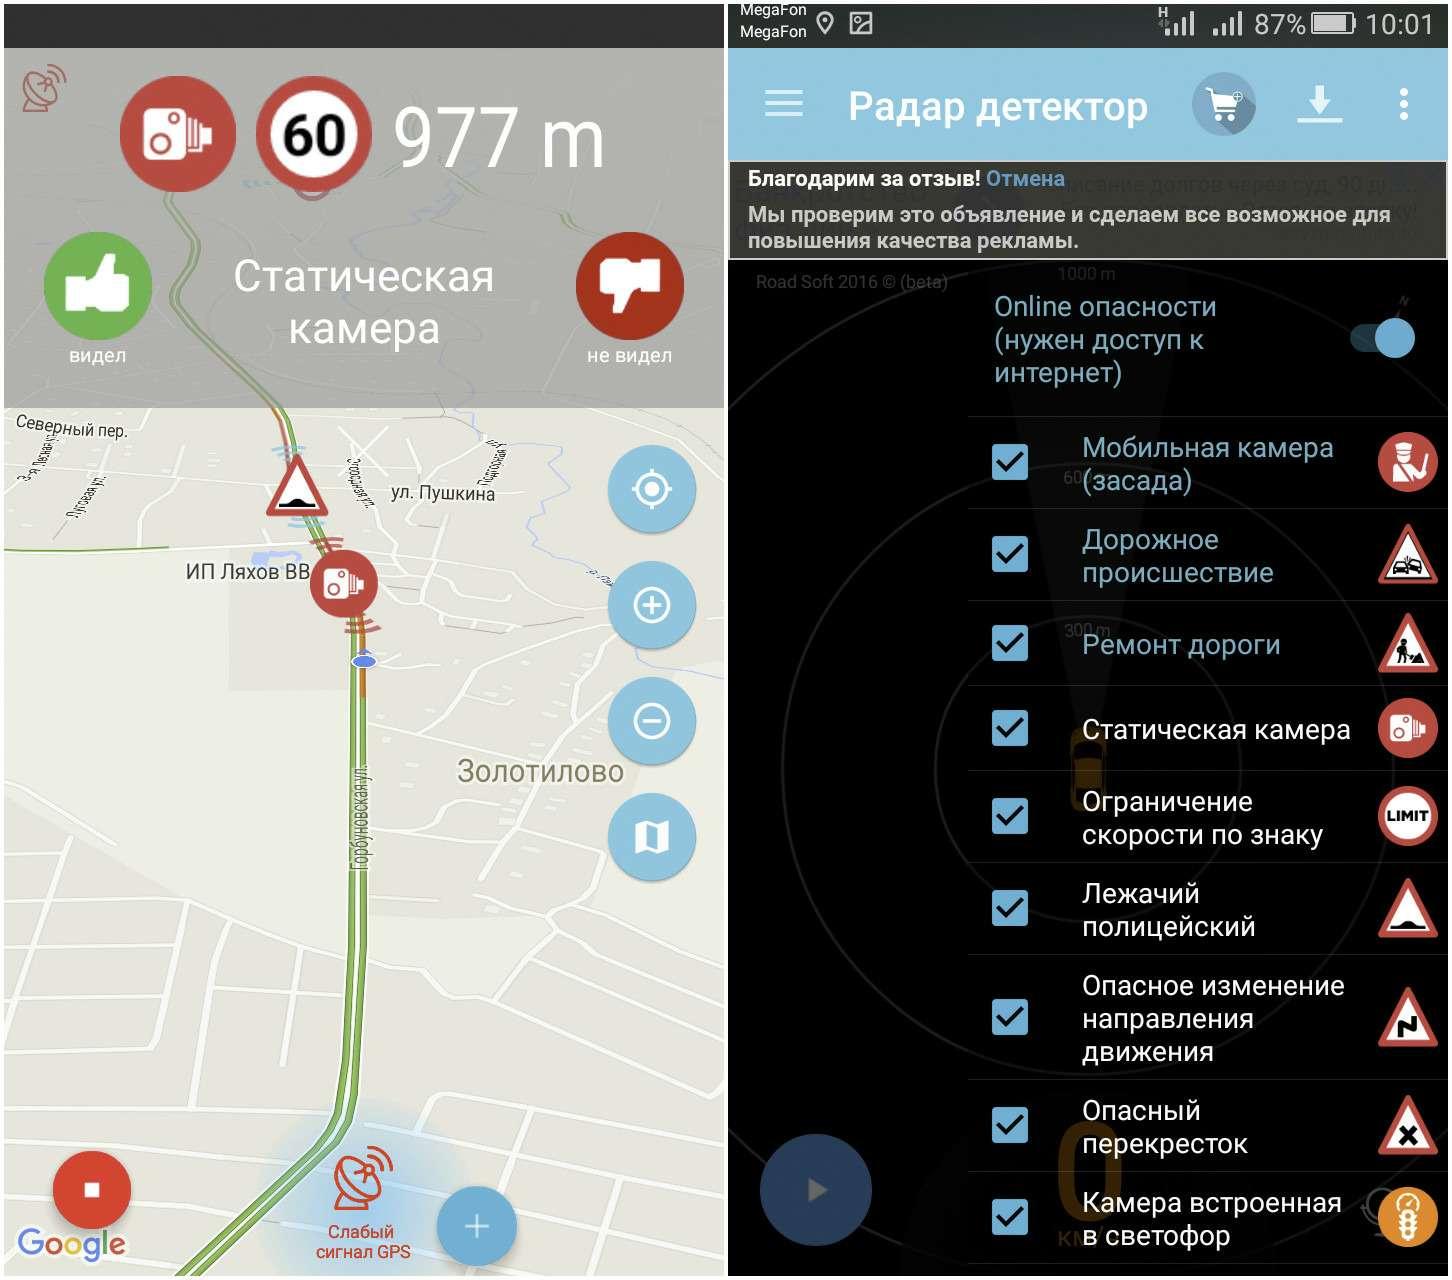 Смартфон вместо радар-детектора: тестируем мобильные приложения— фото 620586